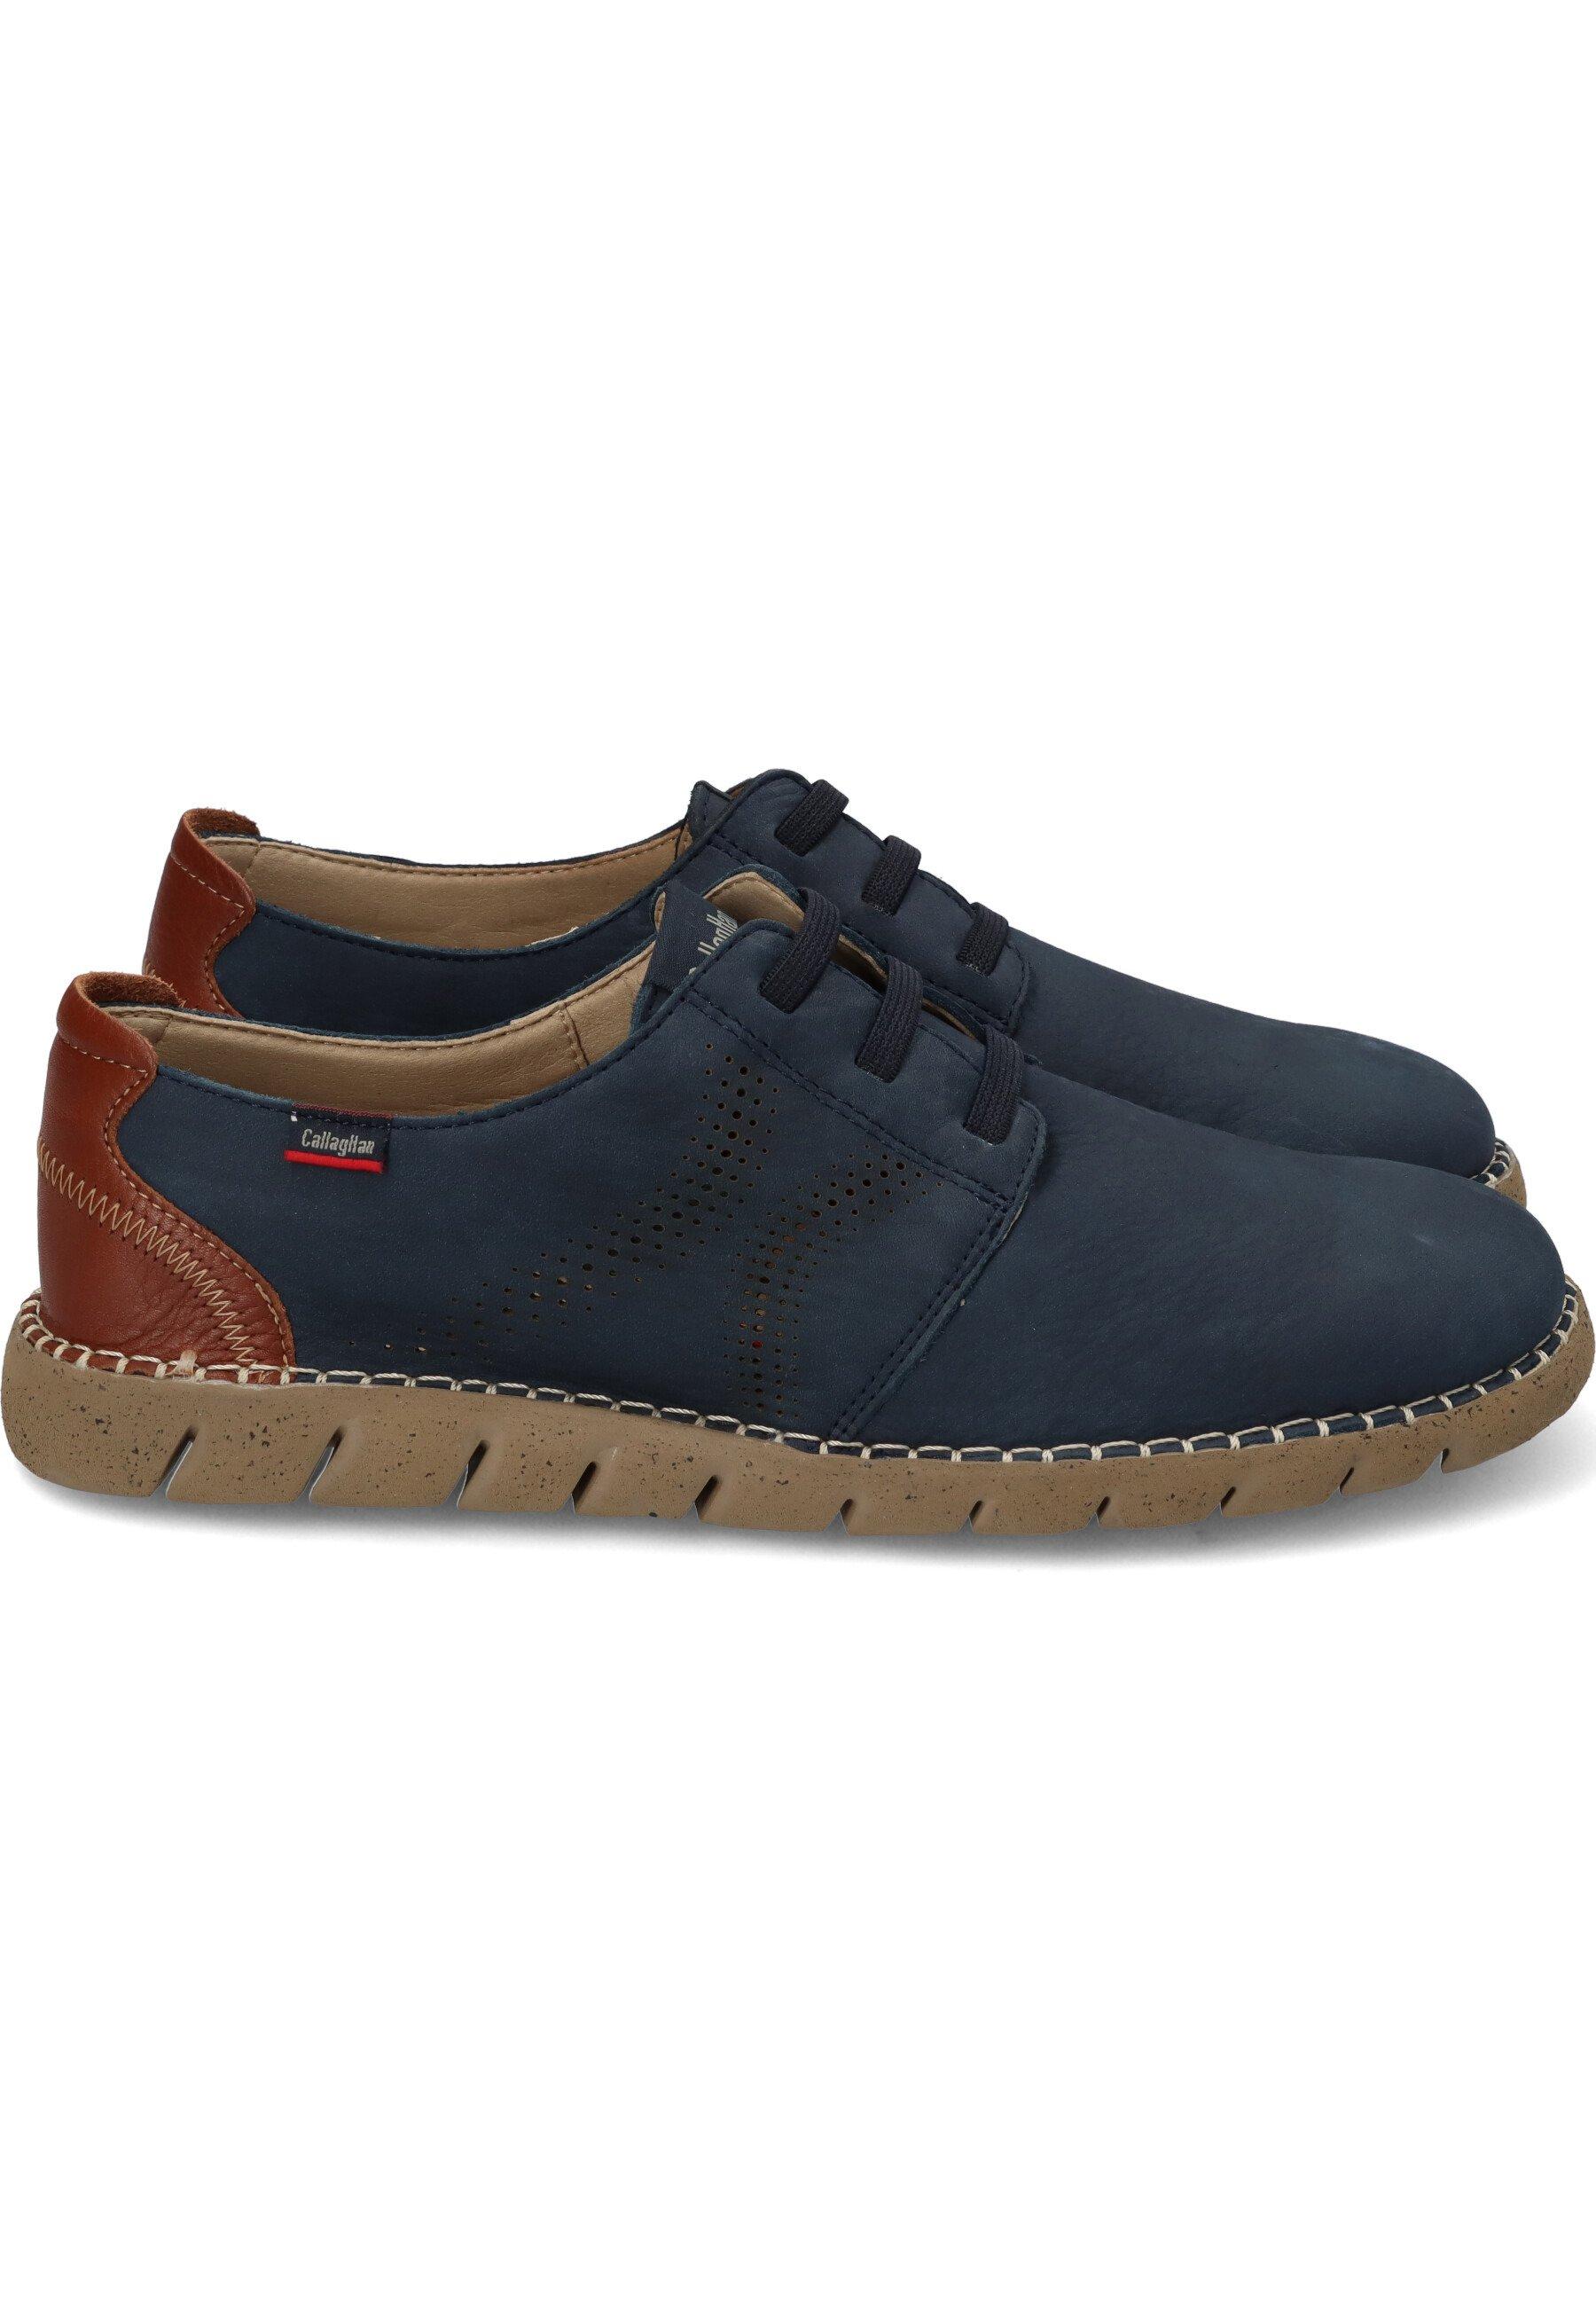 Hombre VIZ - Zapatos con cordones